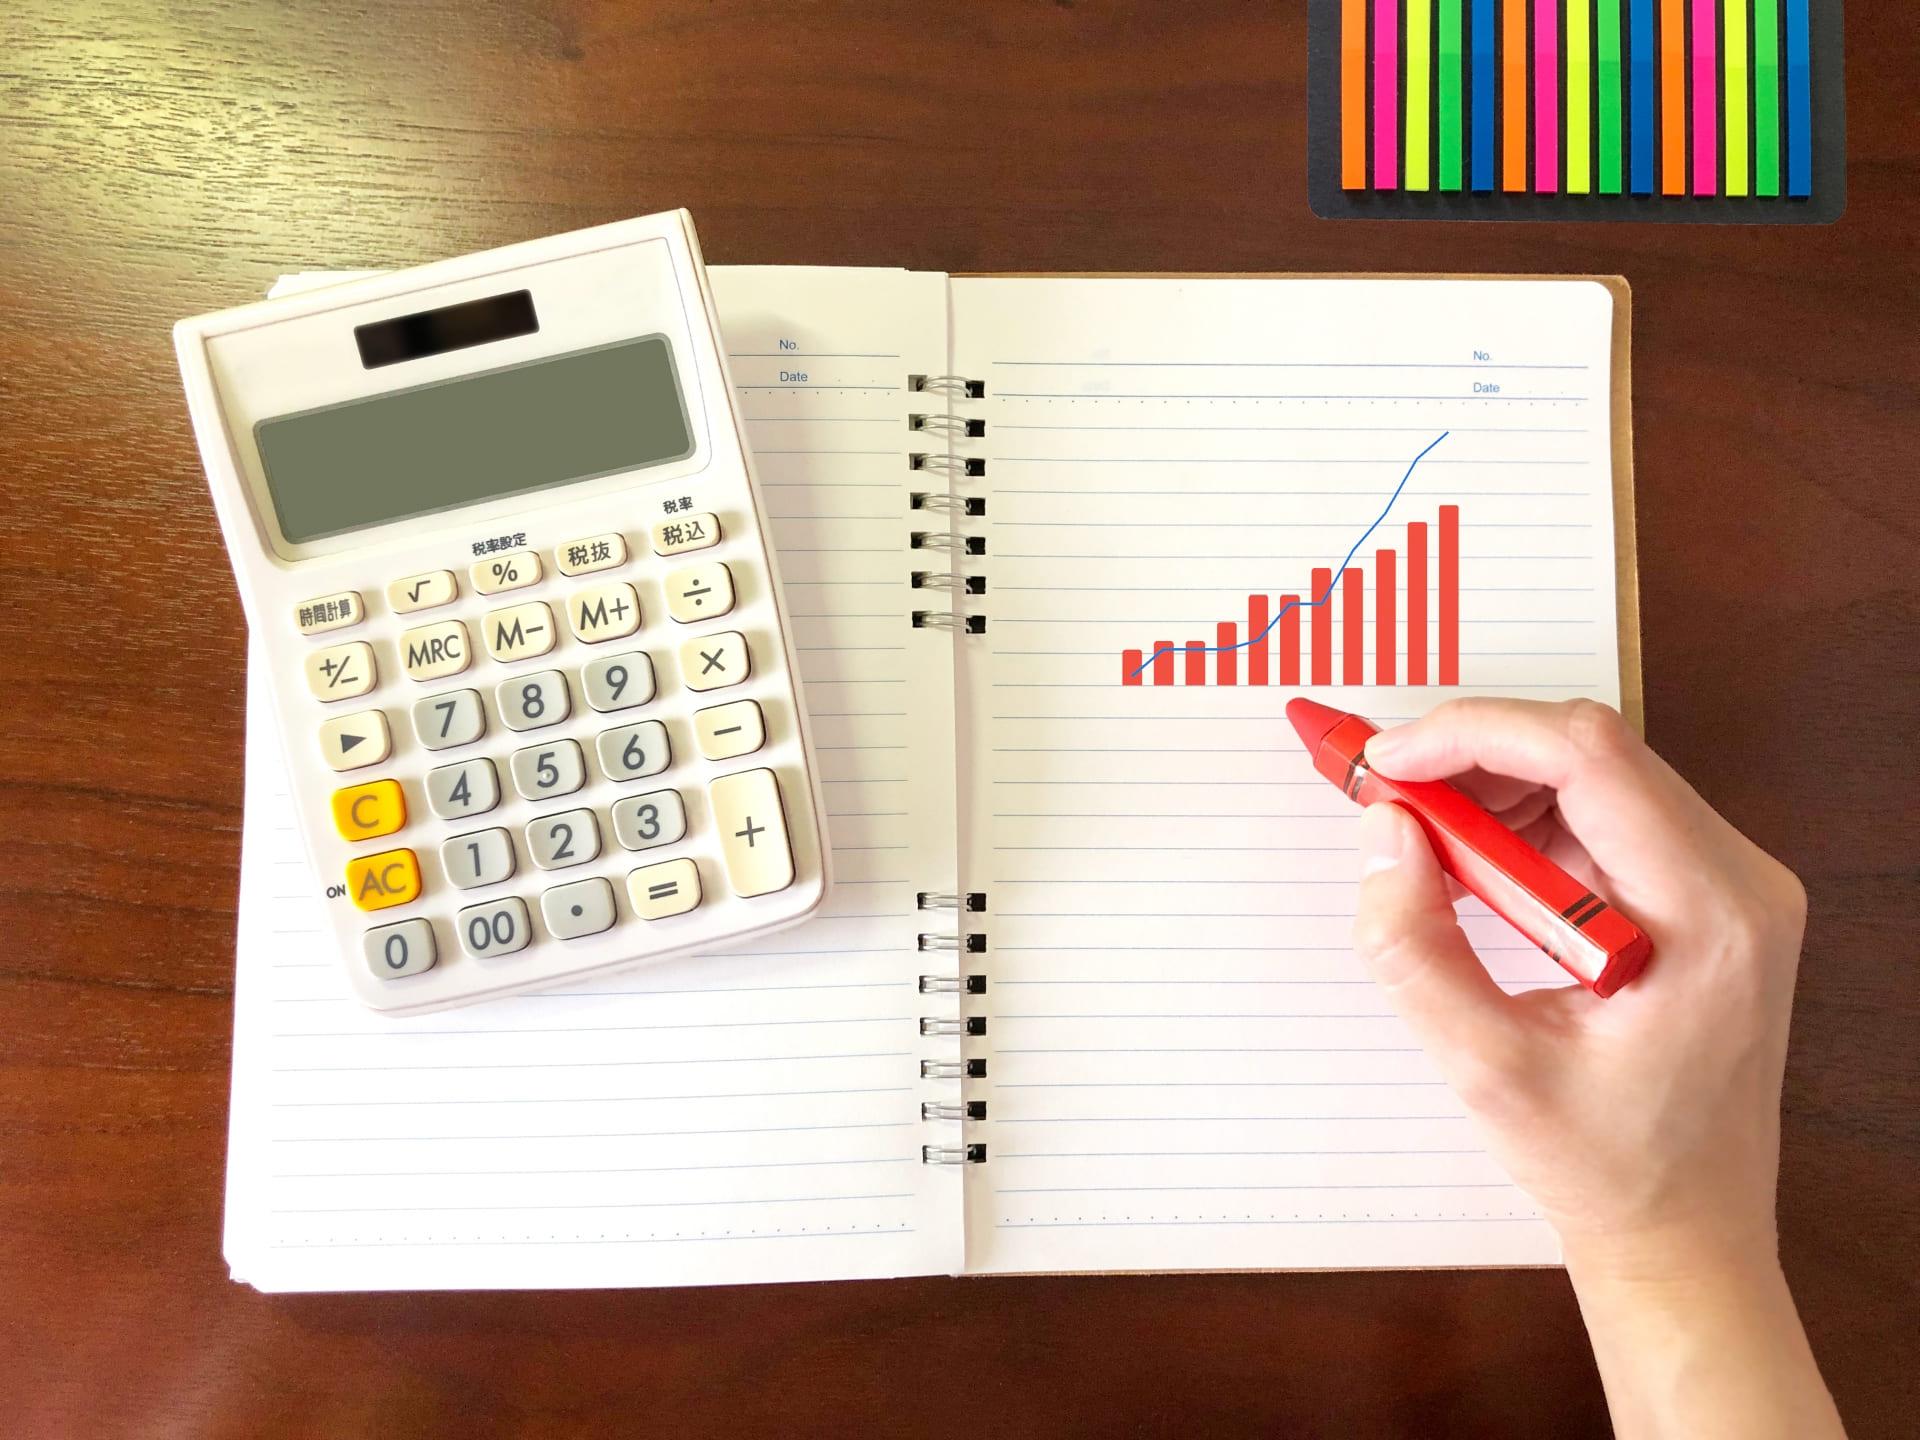 お金の流れを変える分かる「資産を貯めるコツと増える仕組み」の作り方